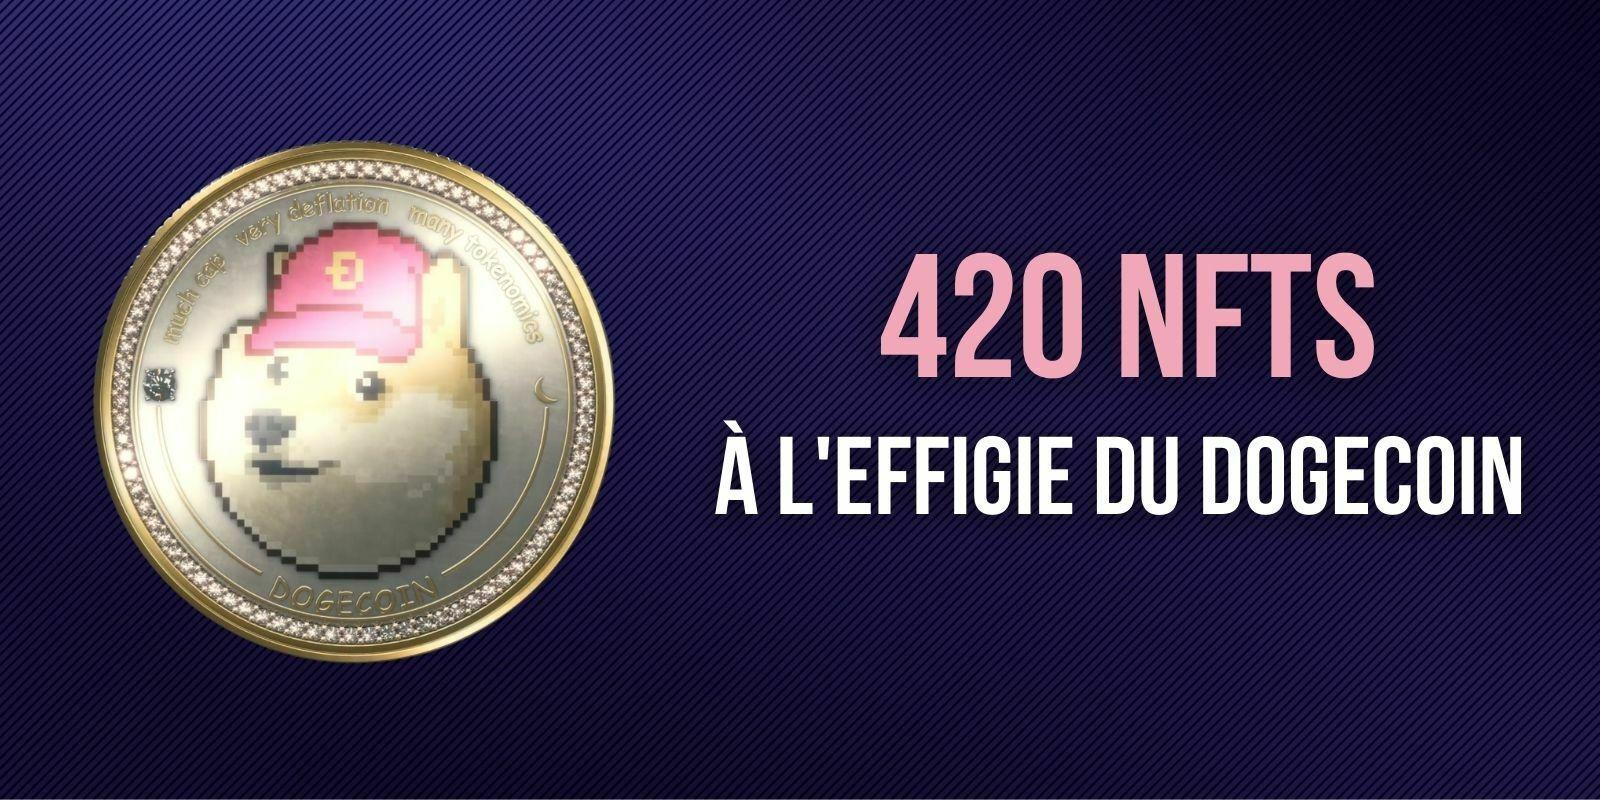 Le co-créateur de Dogecoin (DOGE) vend une série de 420 NFTs du Shiba